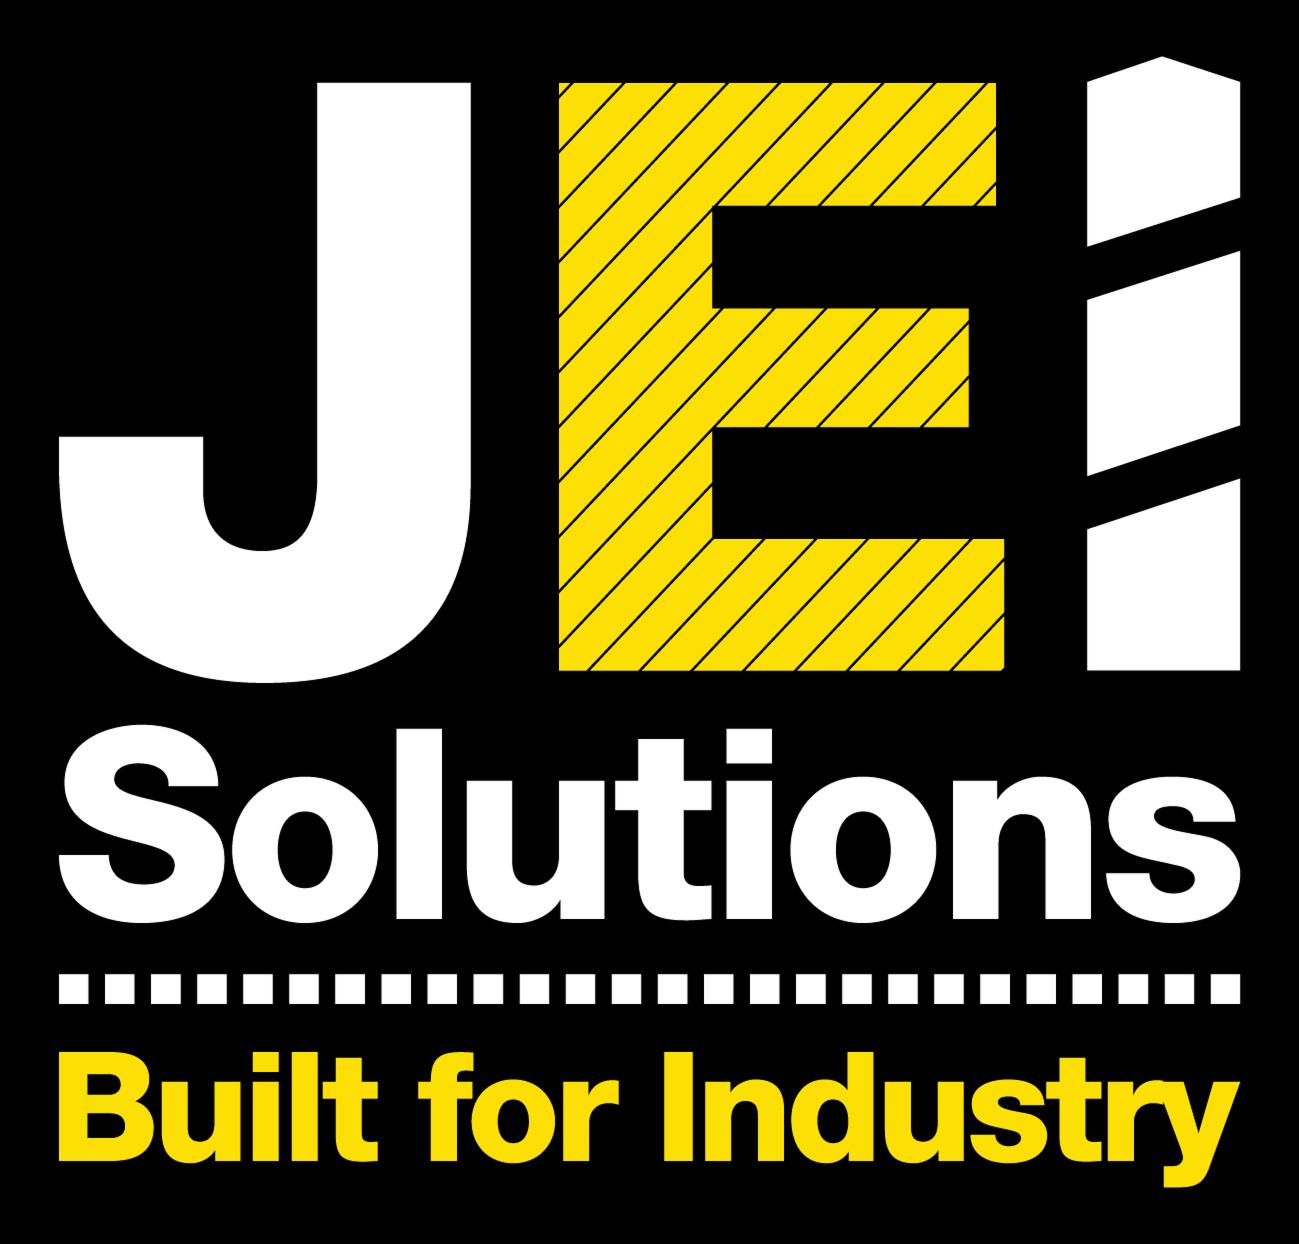 JEI DRILLING & CUTTING SOLUTIONS LTD